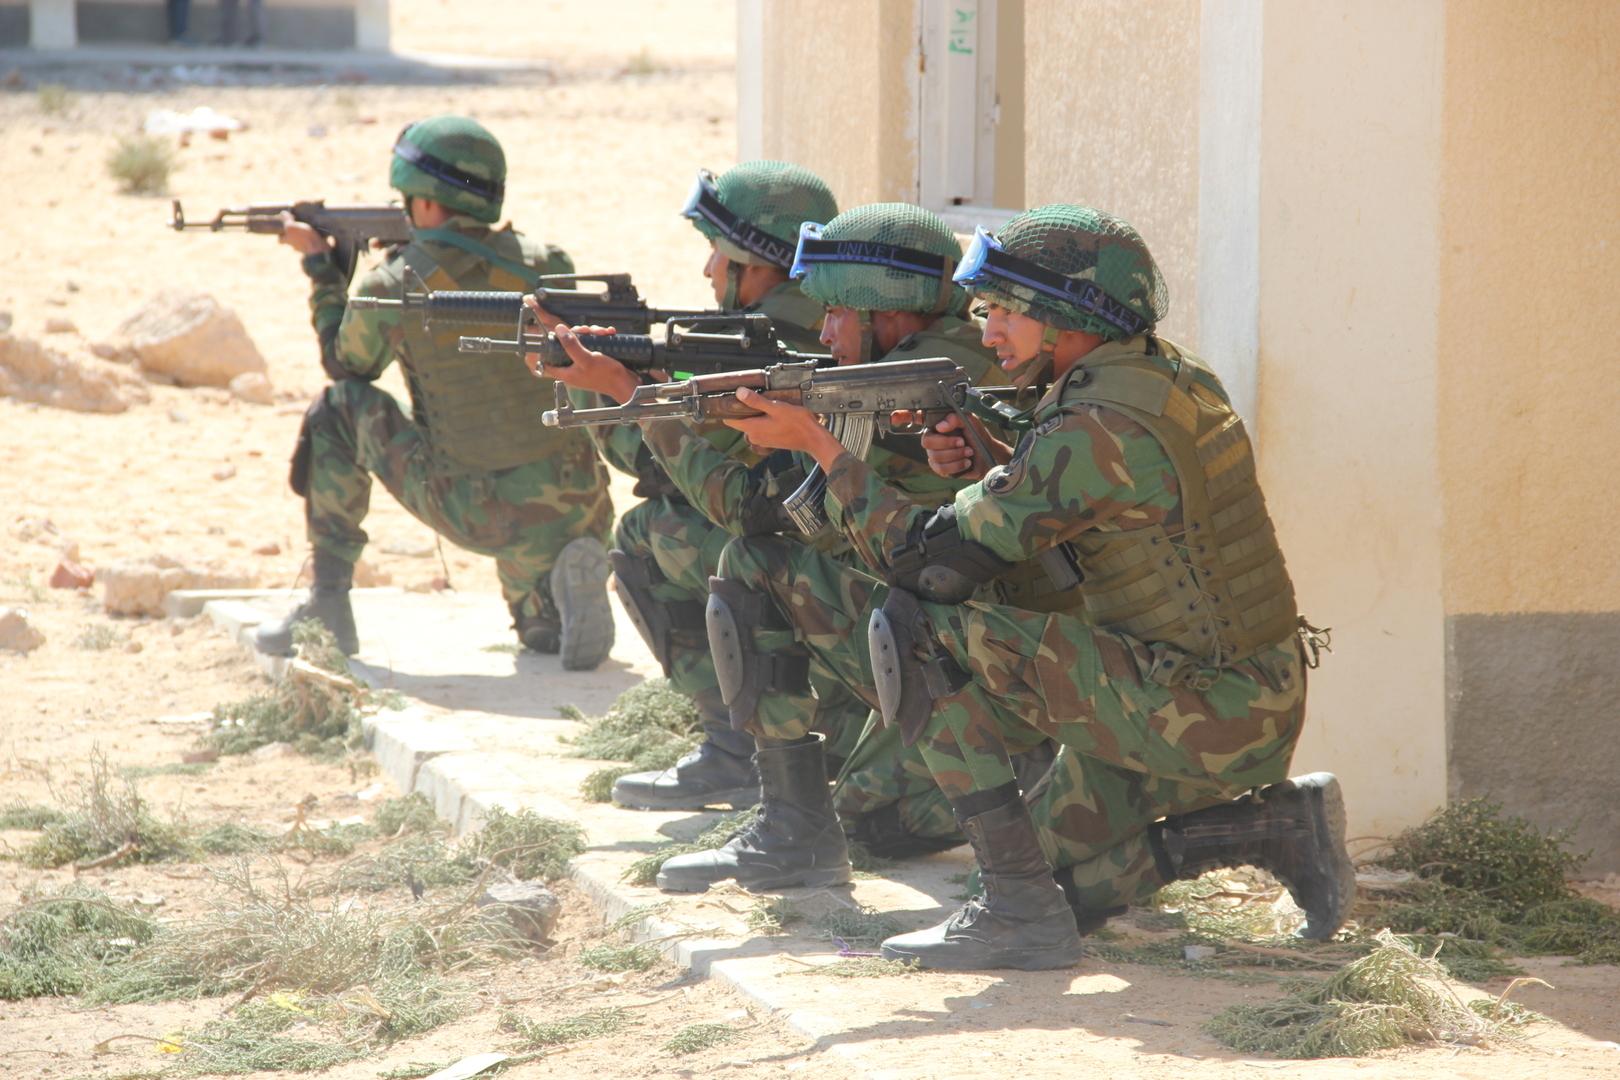 خبير عسكري: الجيش المصري مترقب لأي تهديدات